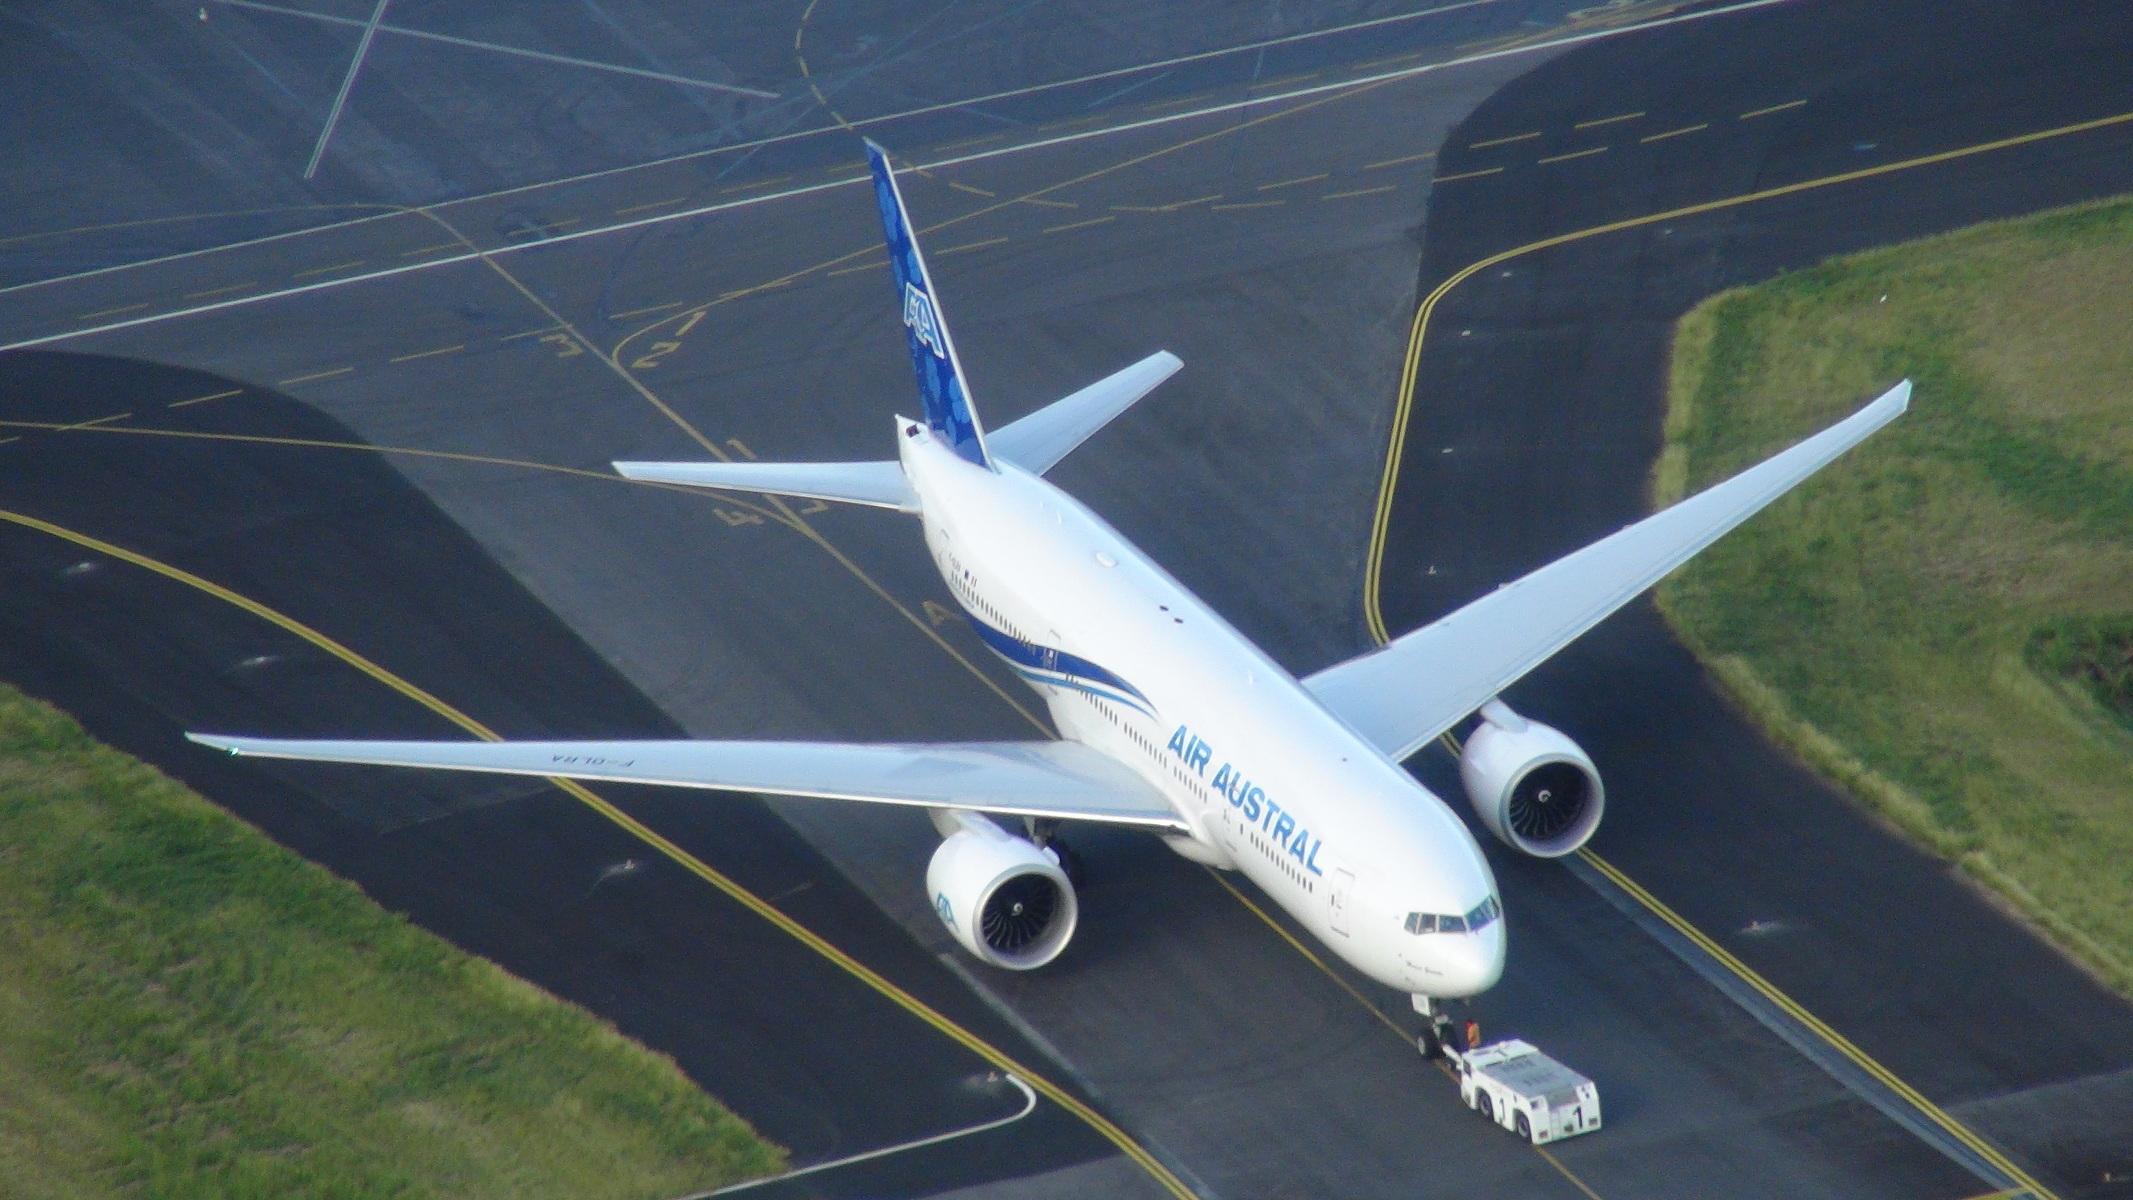 La compagnie Air Austral est un pivot important pour l'aéroport de Mayotte ©Aéroport de Mayotte